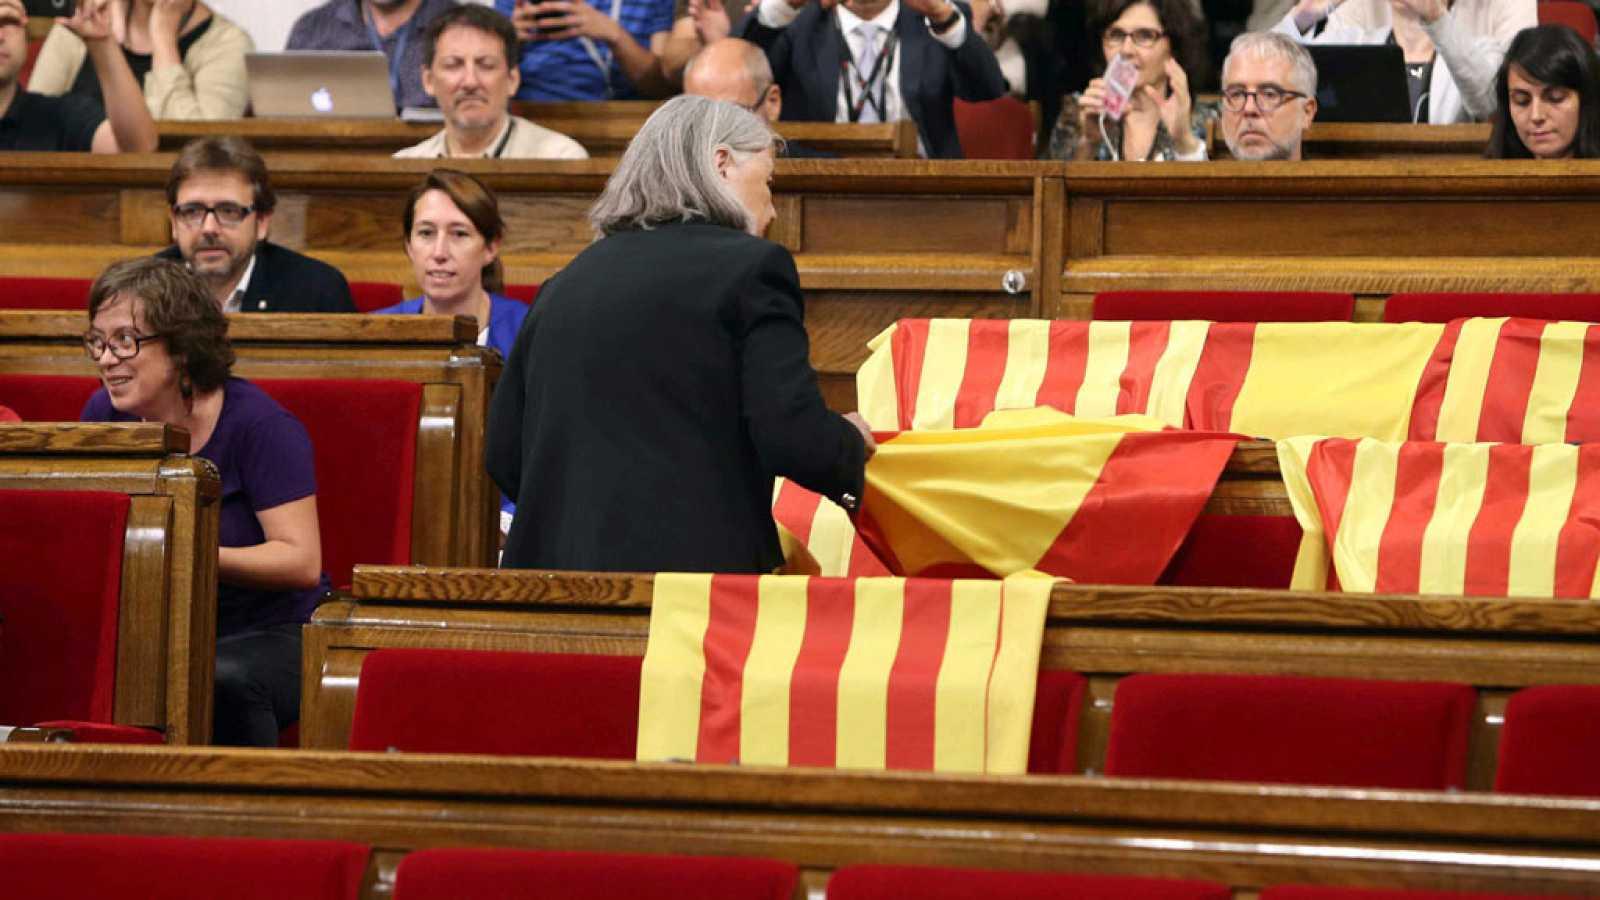 Iglesias pide a la diputada que retiró banderas españolas que se disculpe y esta se niega